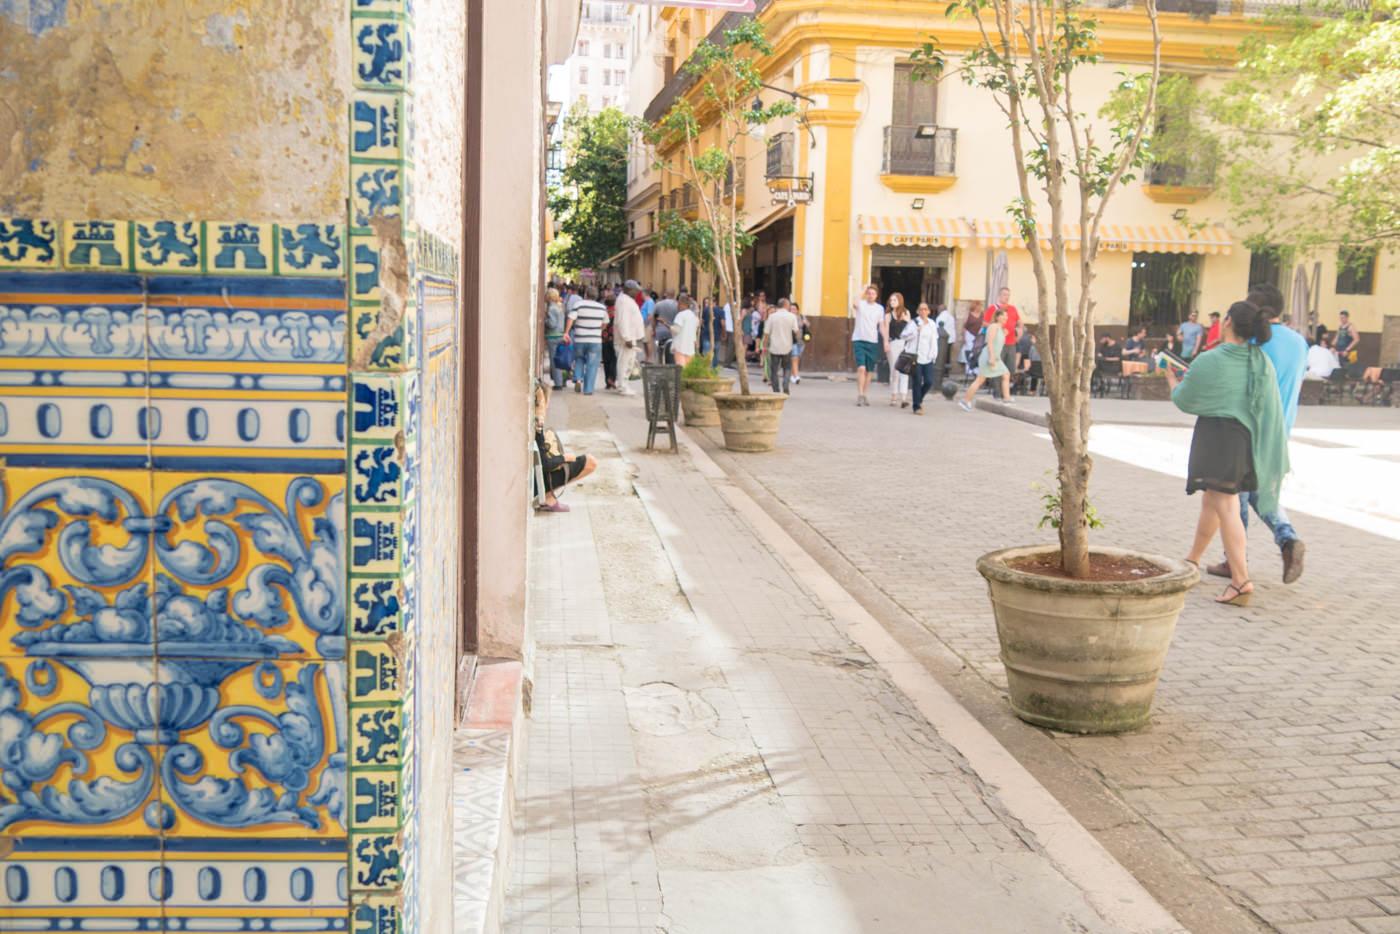 Belebte Straße an dem berühmten Plaza Vieja